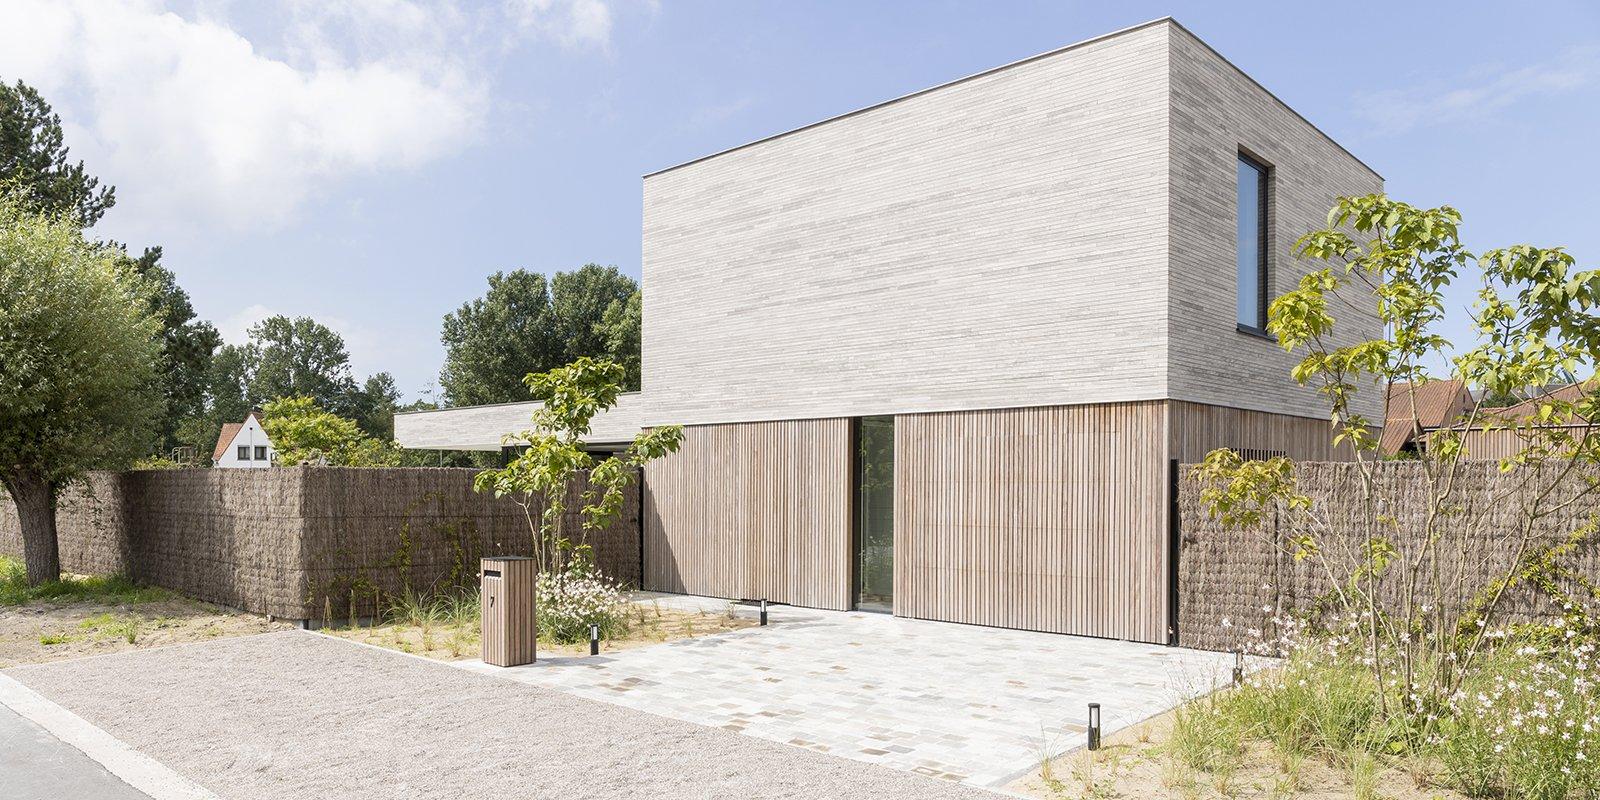 Houten gevelbekleding | DeJonghe Architecten, the art of living